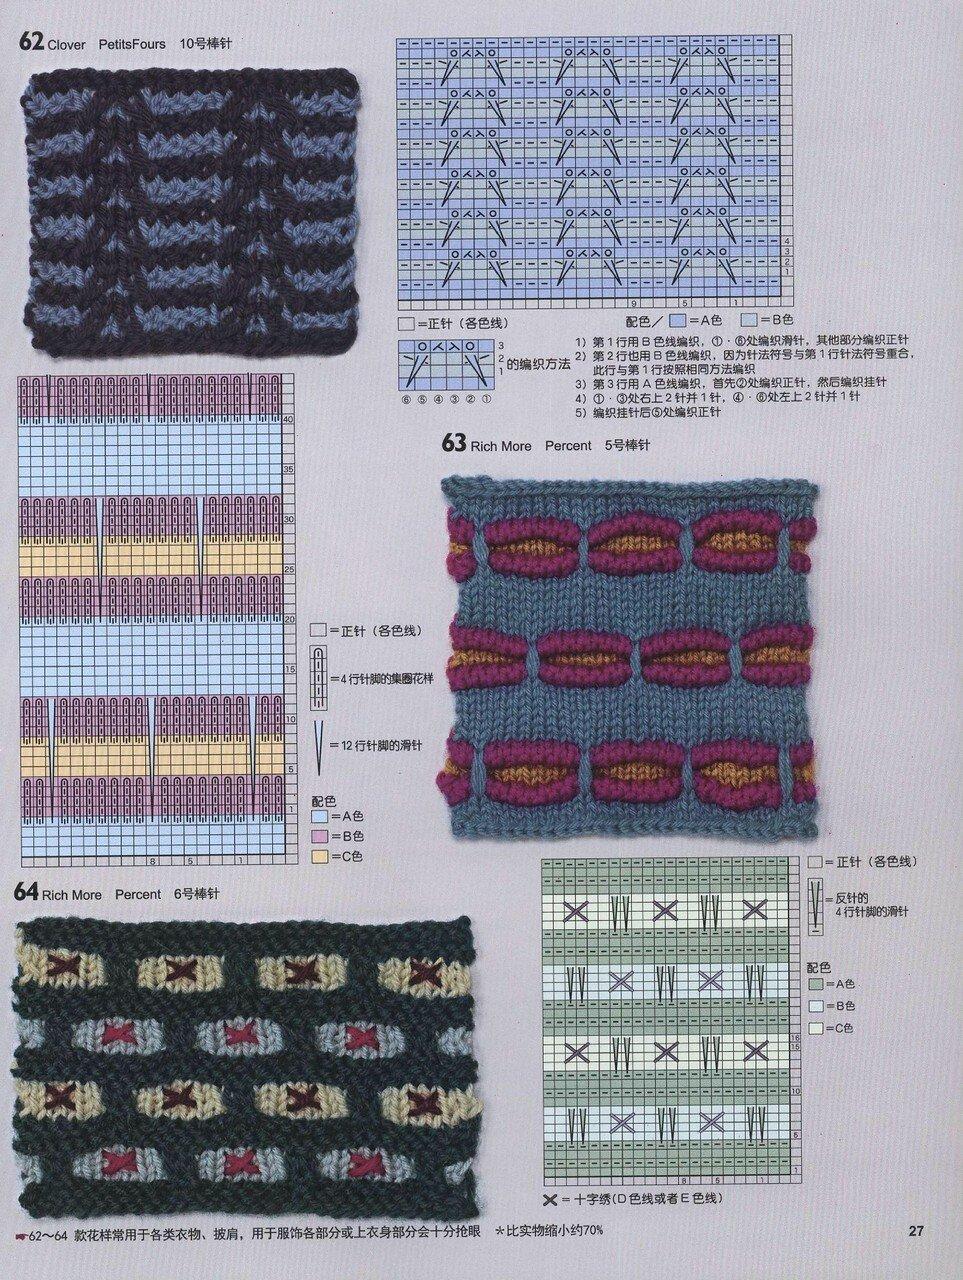 150 Knitting_29.jpg